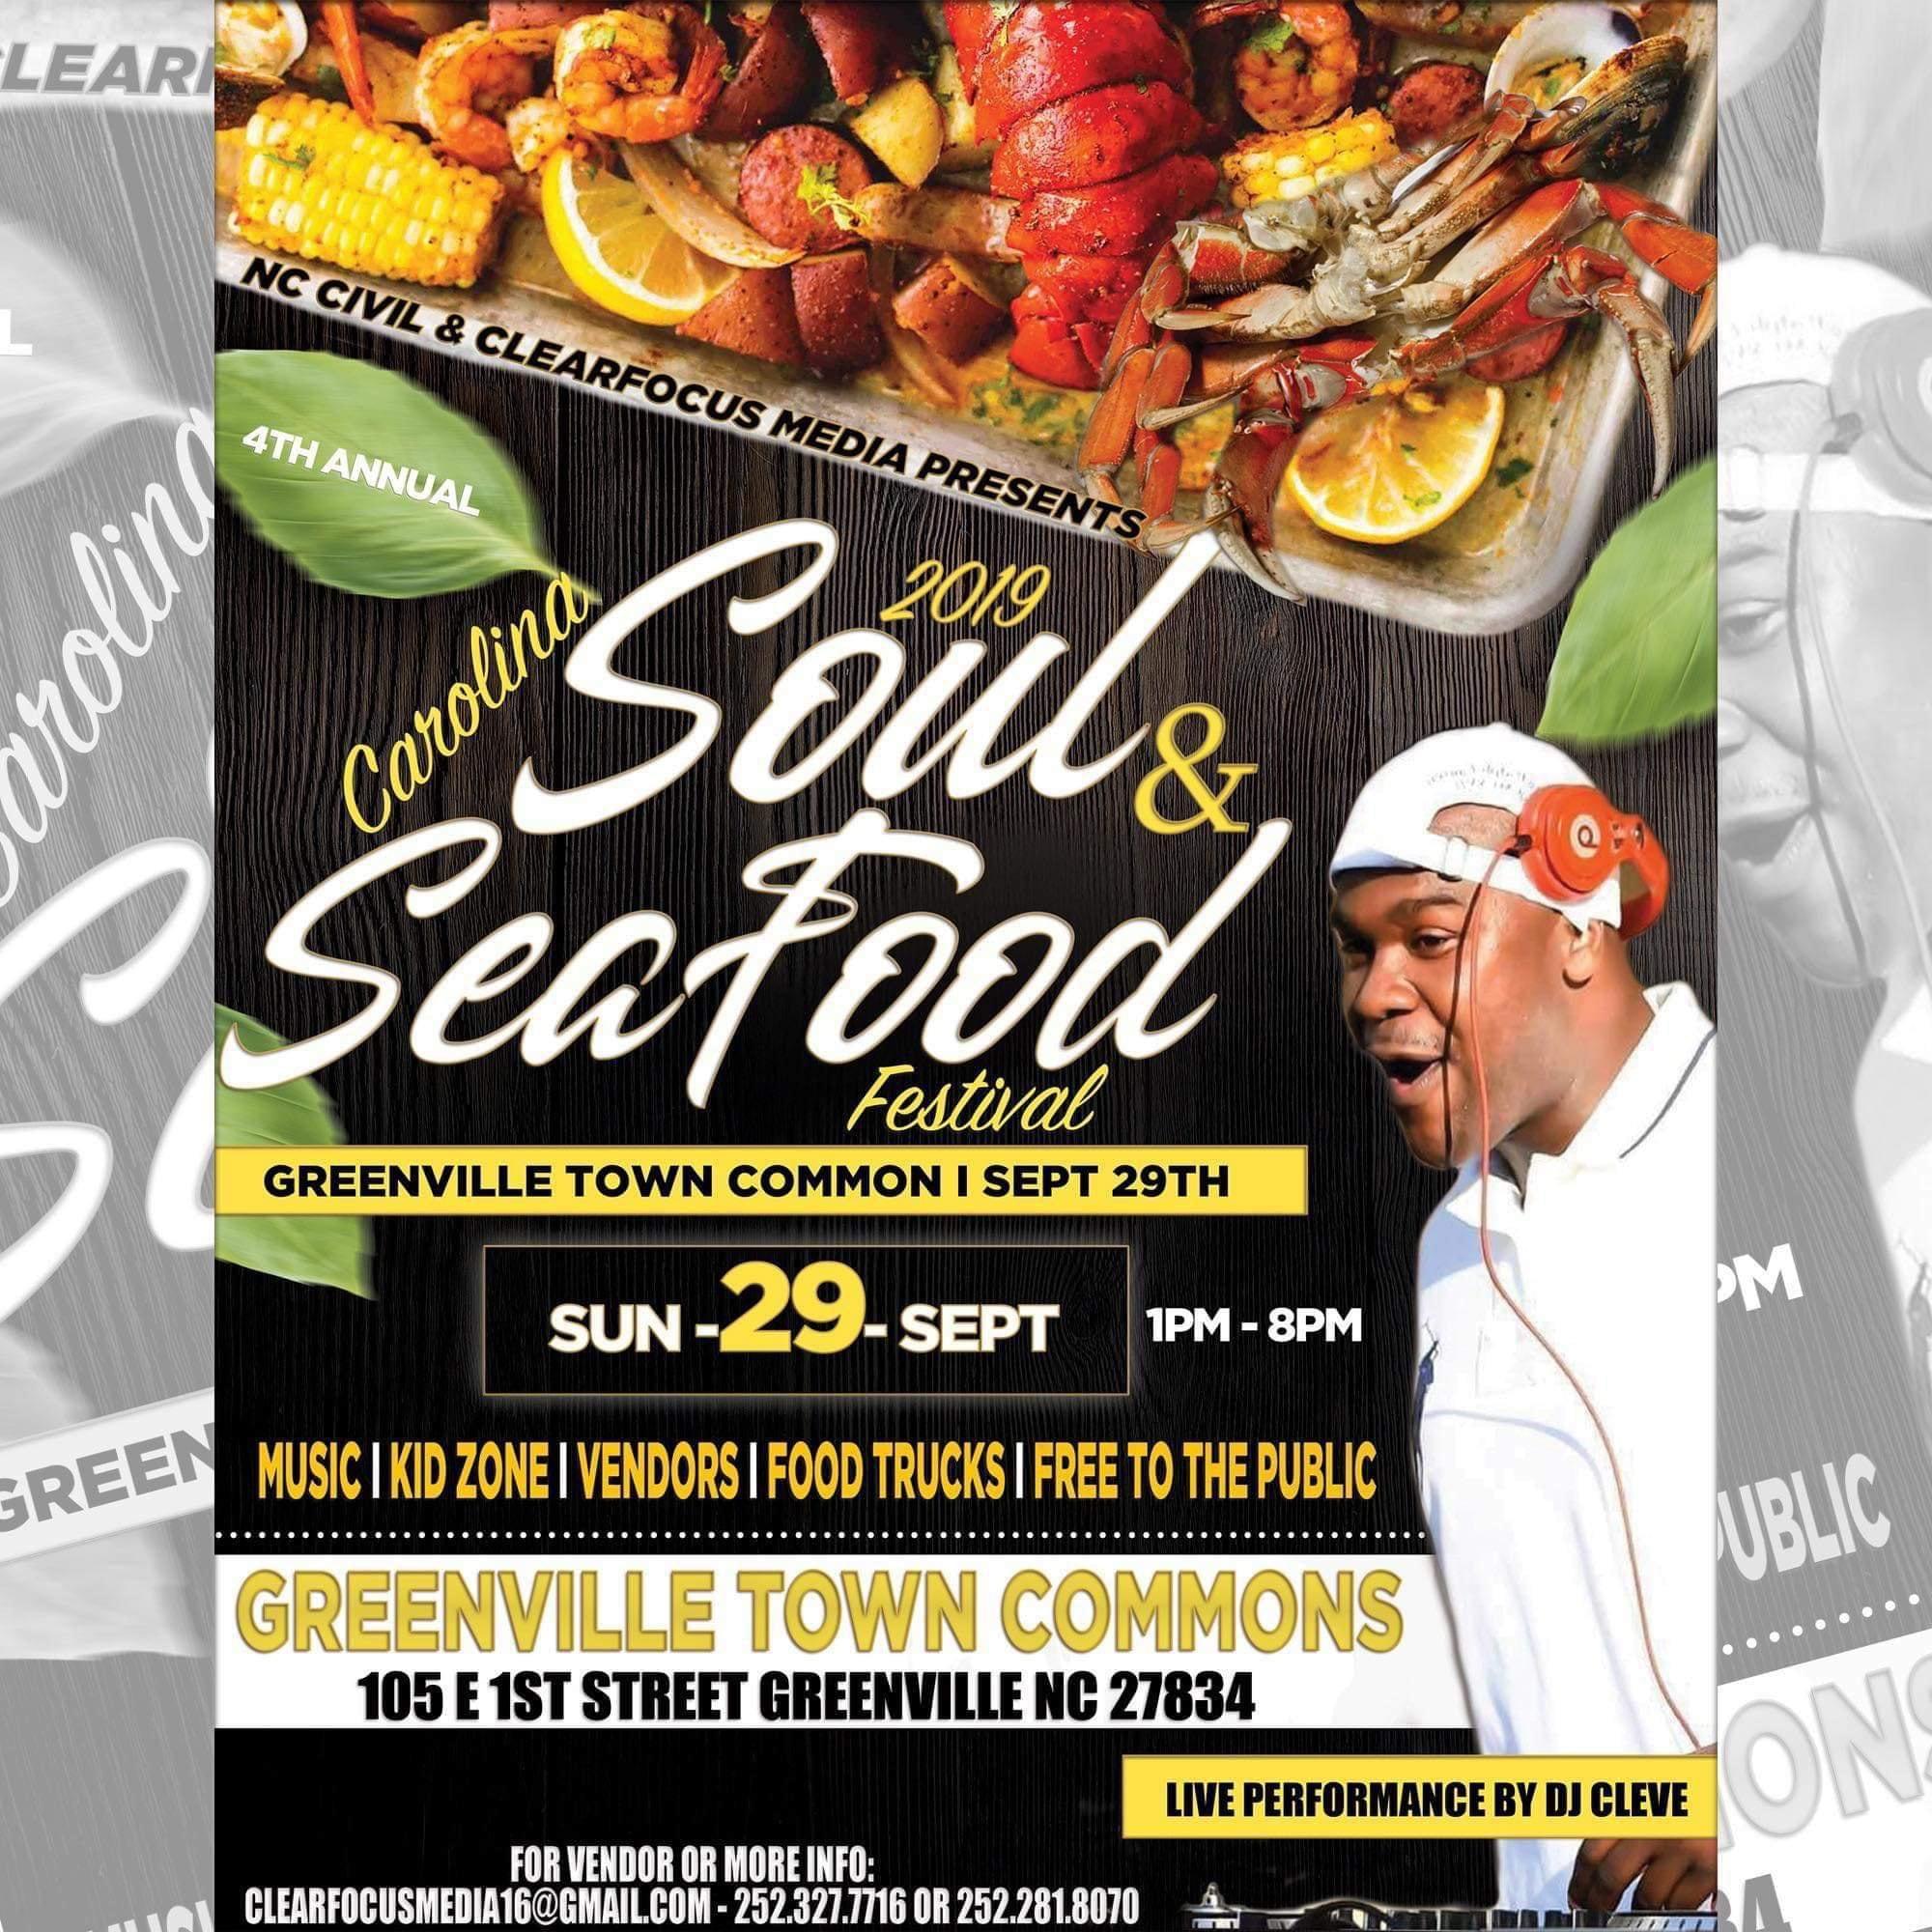 Carolina Soul and Seafood Festival